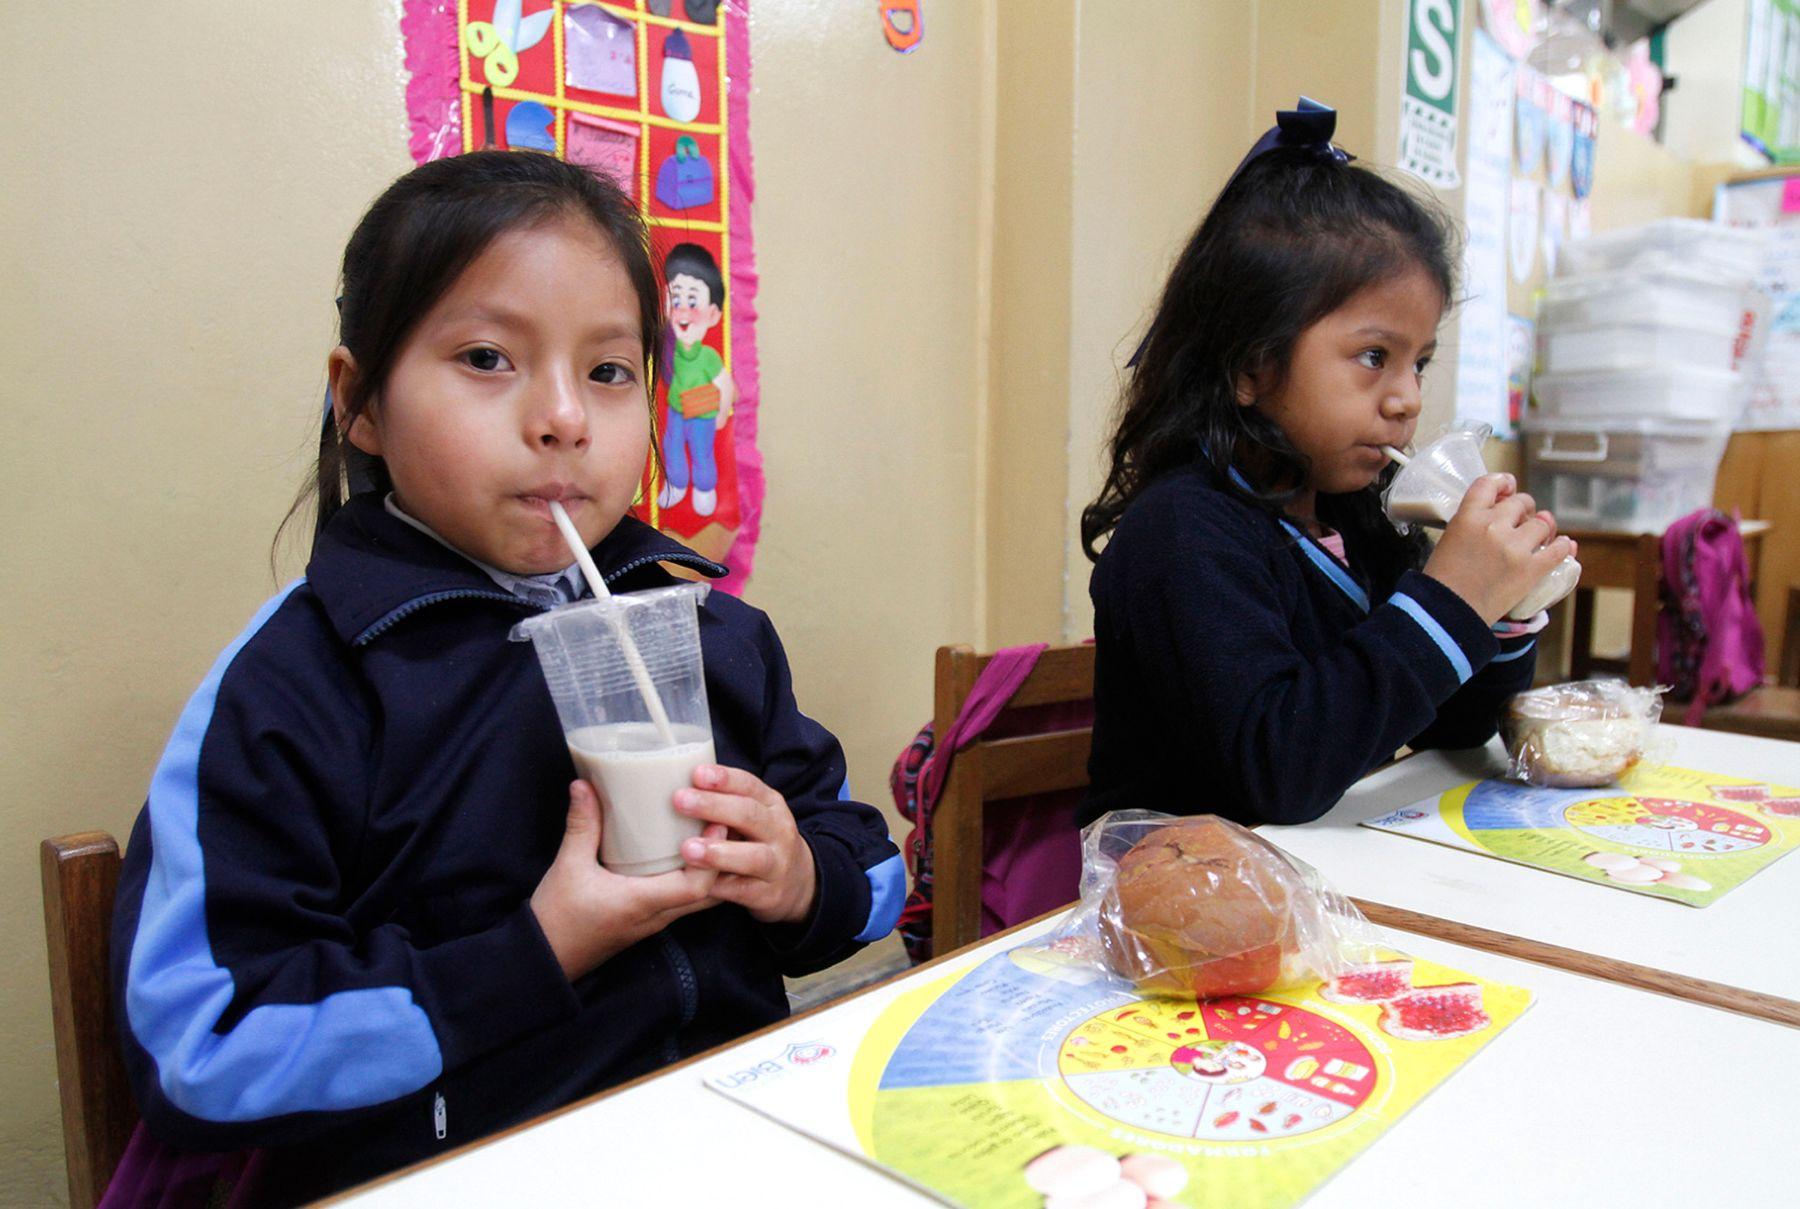 El 2014 Qali Warma emtregará utensilio y menaje de cocina a colegios de todo el país. ANIDNA/Difusión